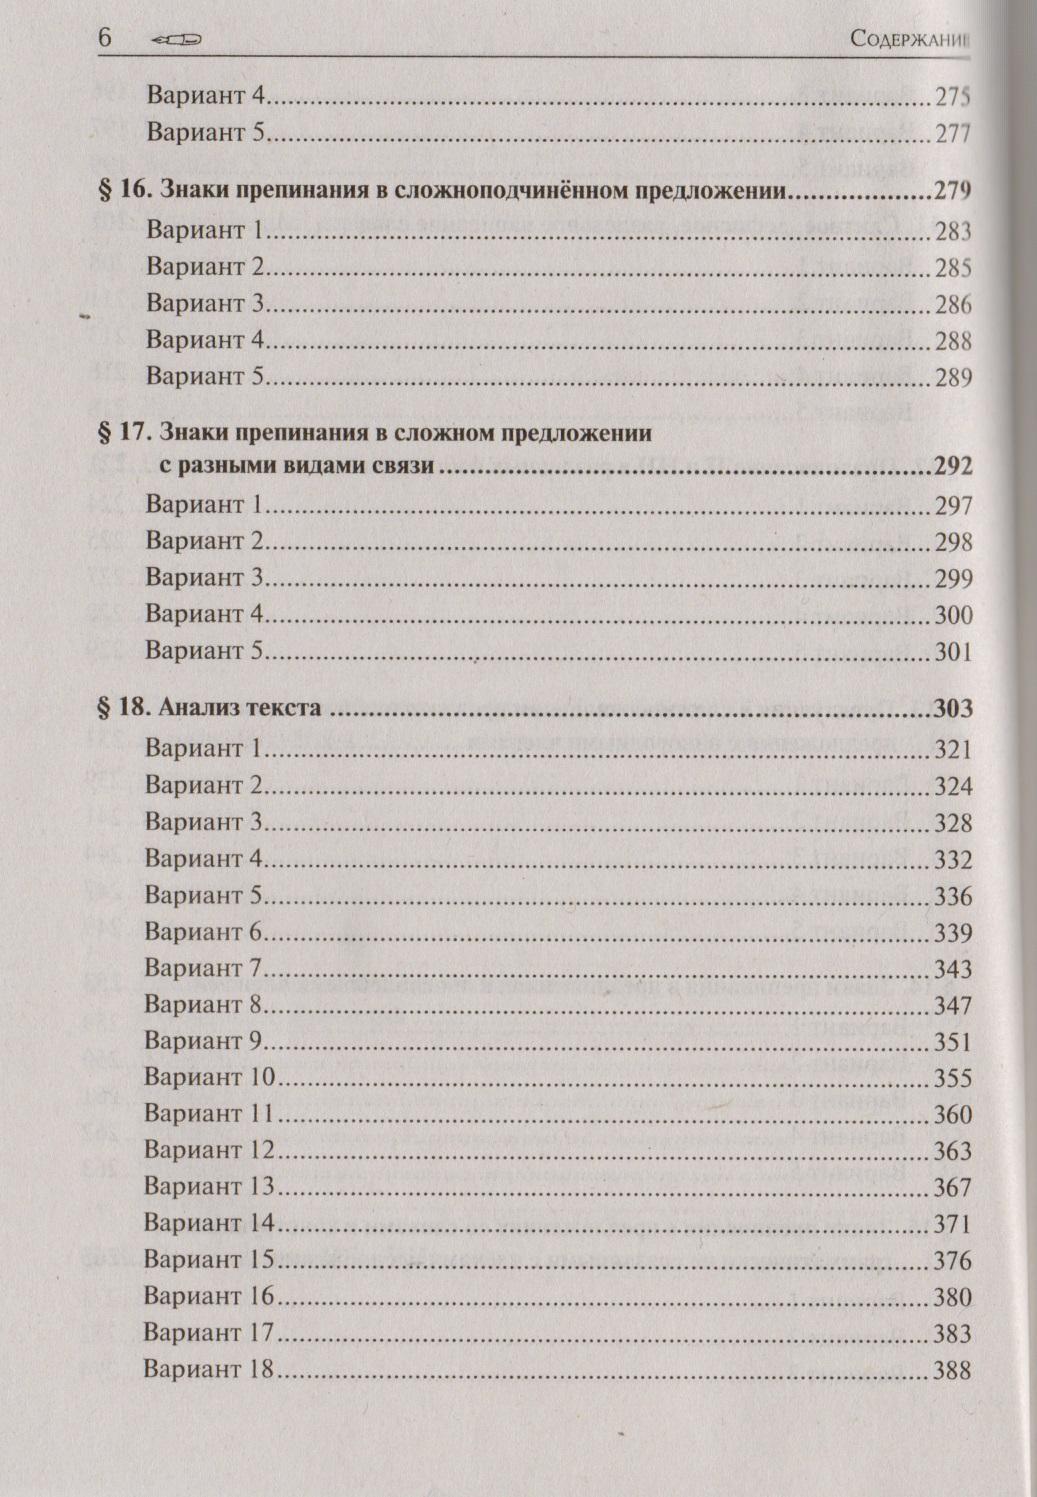 Гдз по егэ тренировочные задания по русскому языку 2018 сочинение